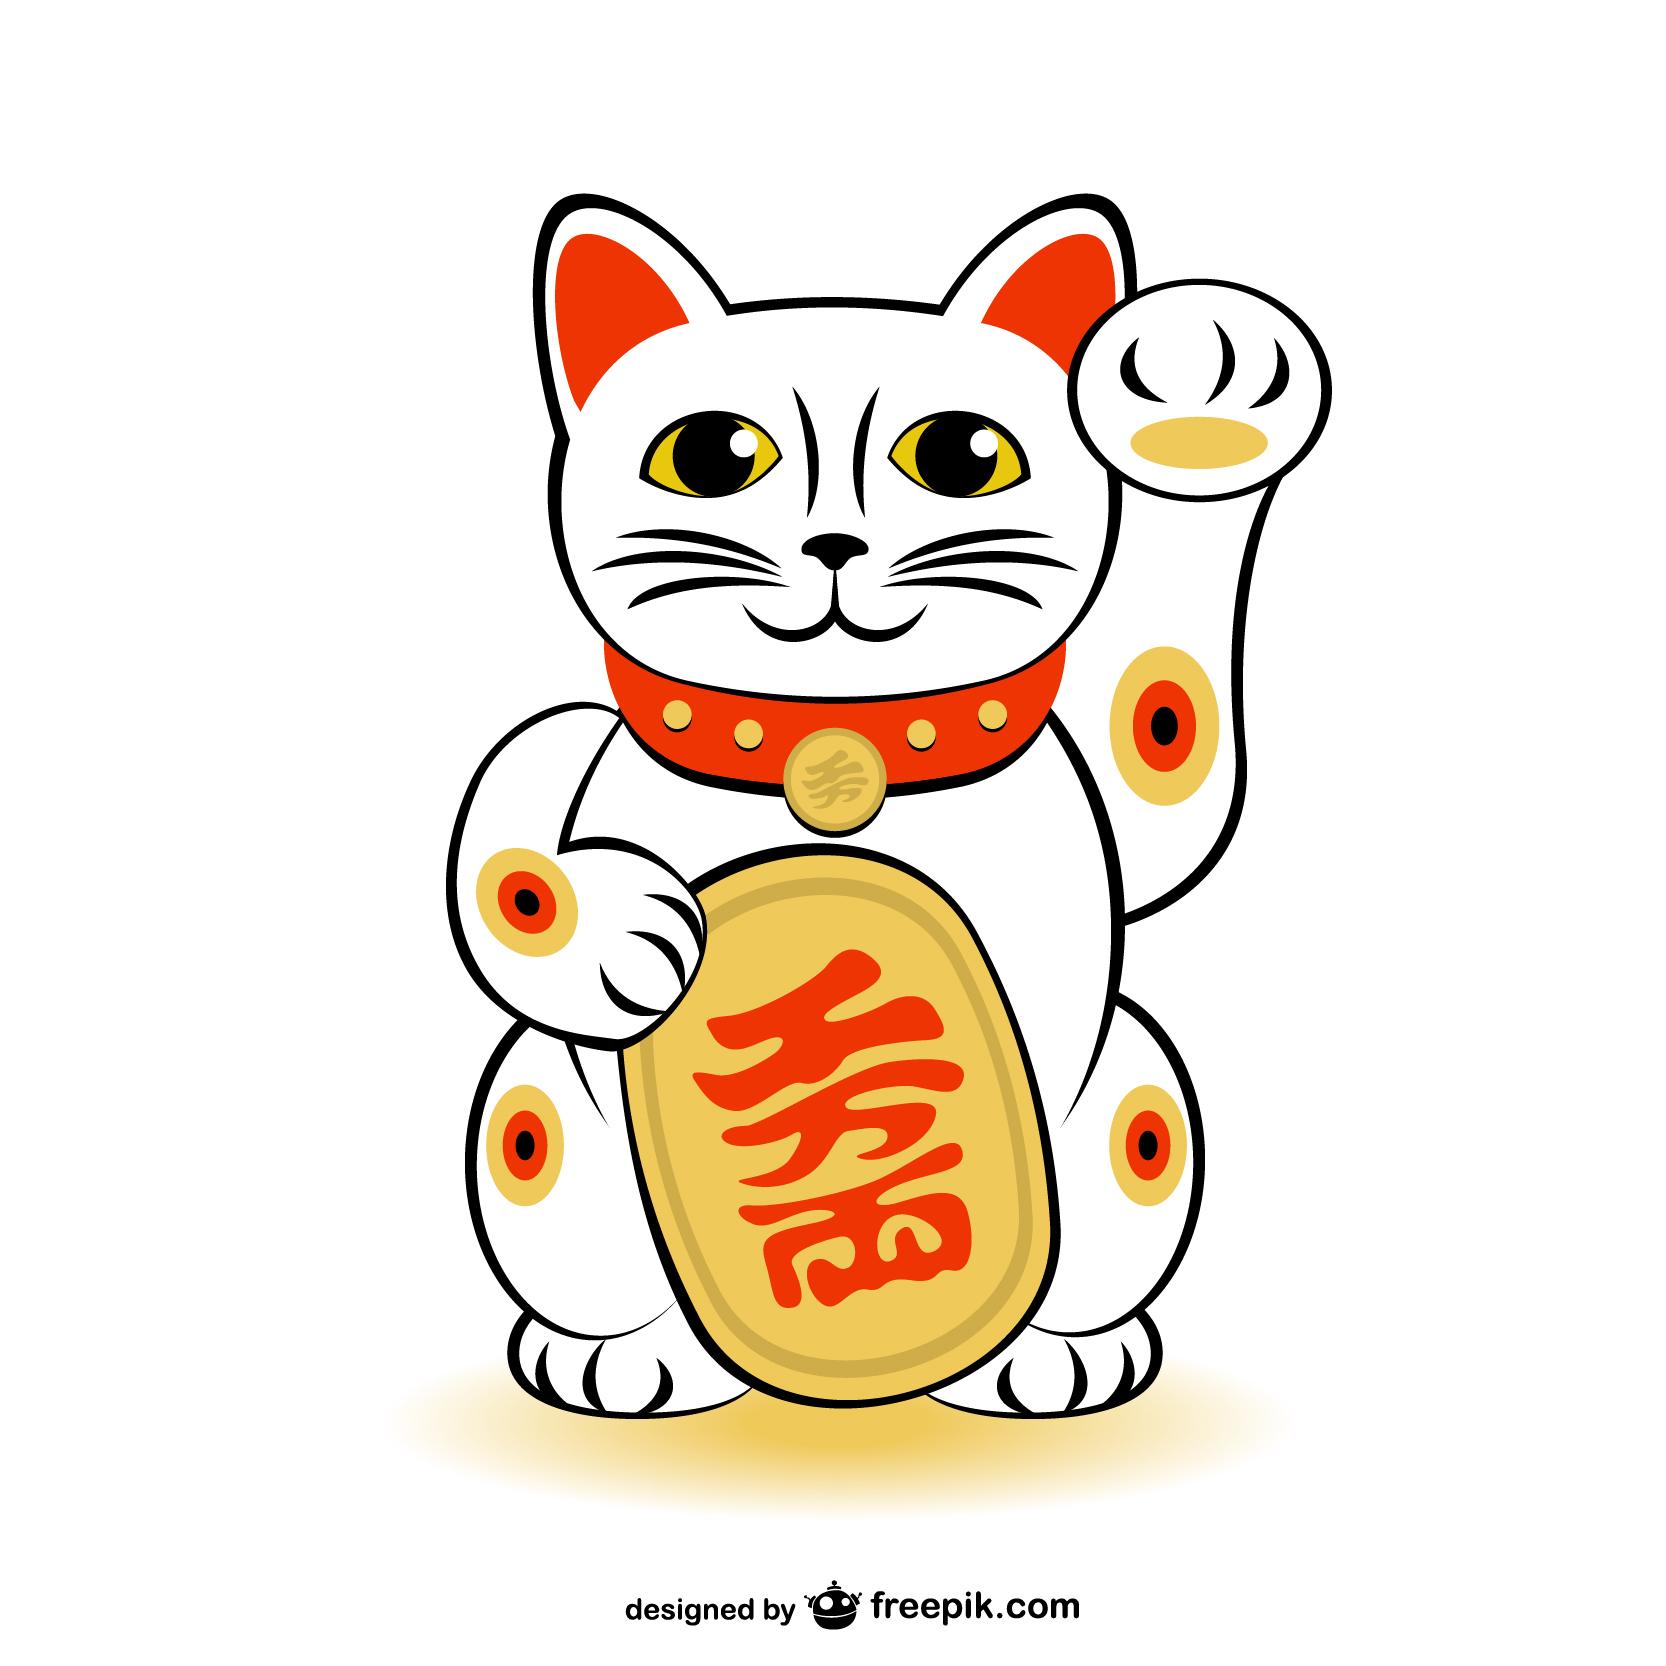 猫のイラスト集【可愛い・面白い・ちょっと変わってる】